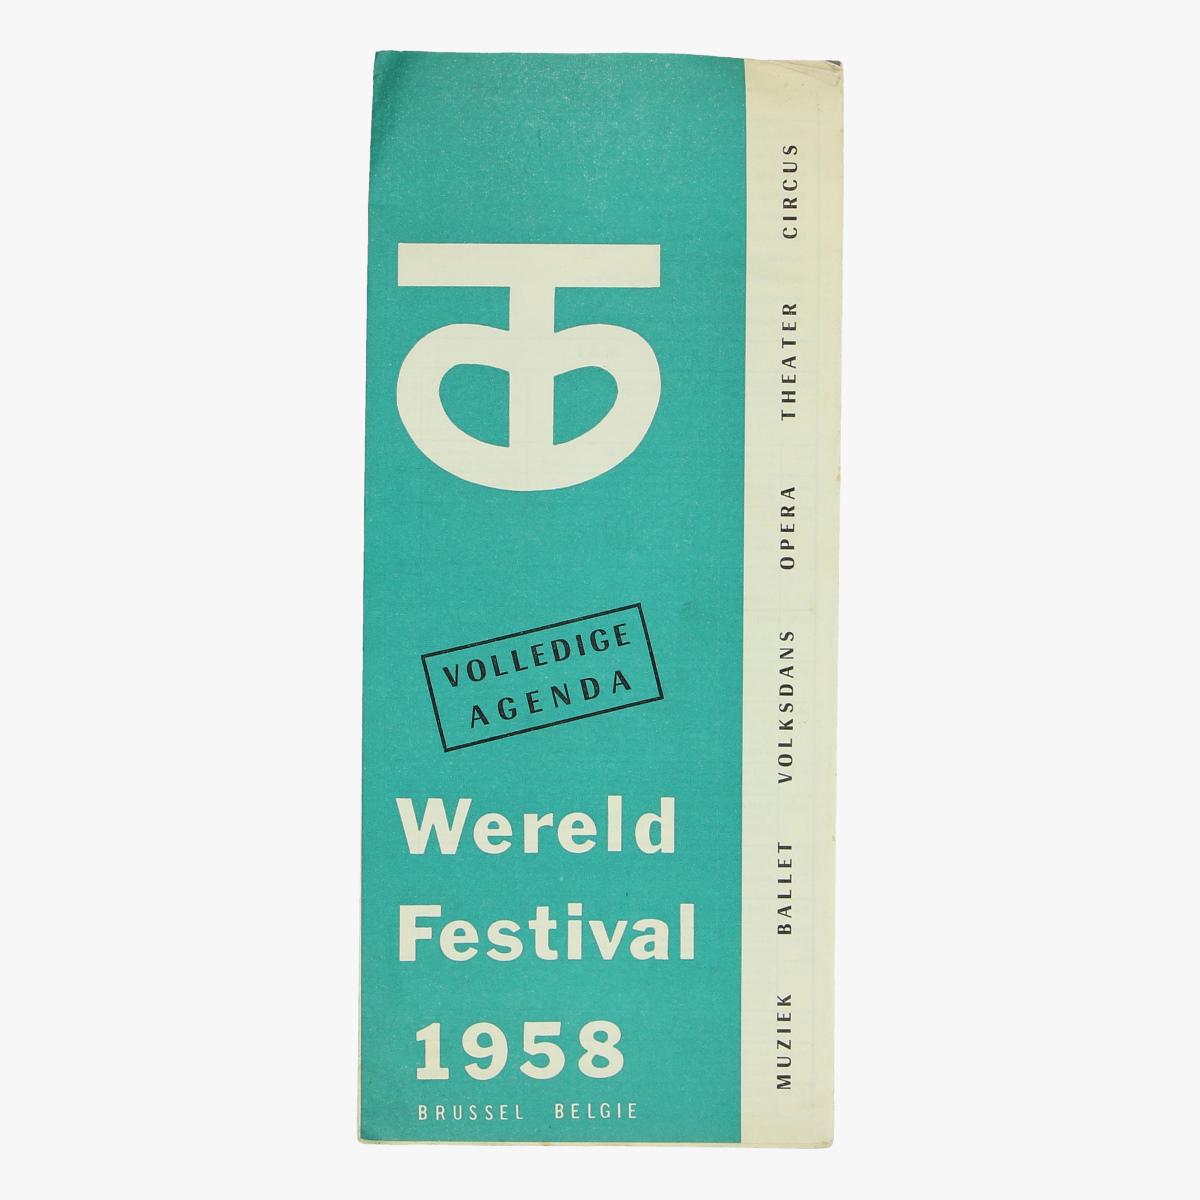 Afbeeldingen van expo 58 fleyer volledige agenda wereld festival 1958 brussel belgie